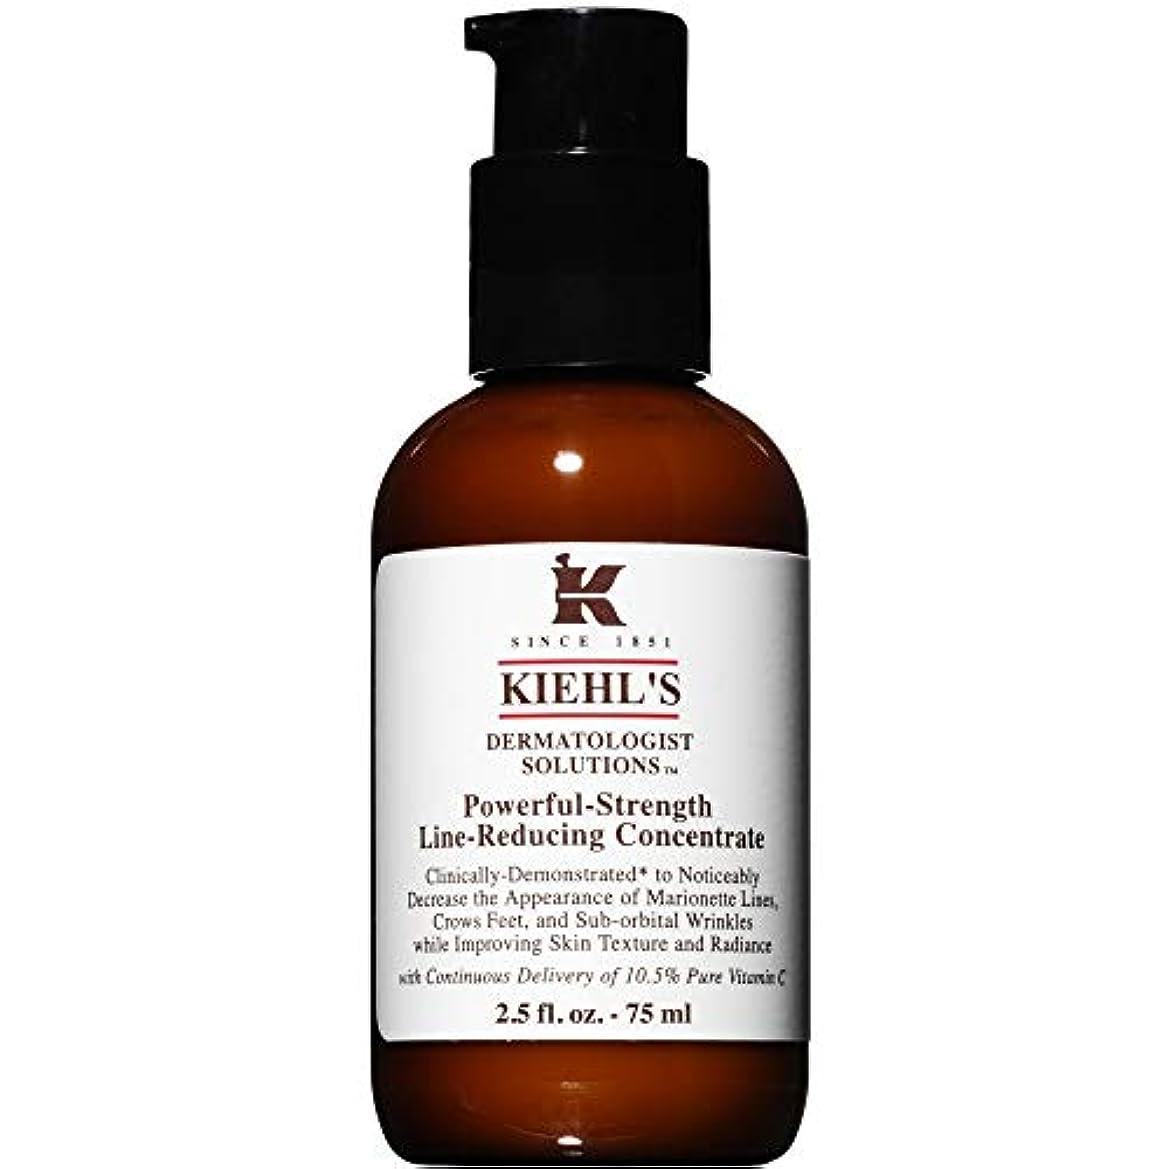 特徴西部粘性の[Kiehl's] キールズ強力な強度ライン低減濃縮75ミリリットル - Kiehl's Powerful-Strength Line-Reducing Concentrate 75ml [並行輸入品]